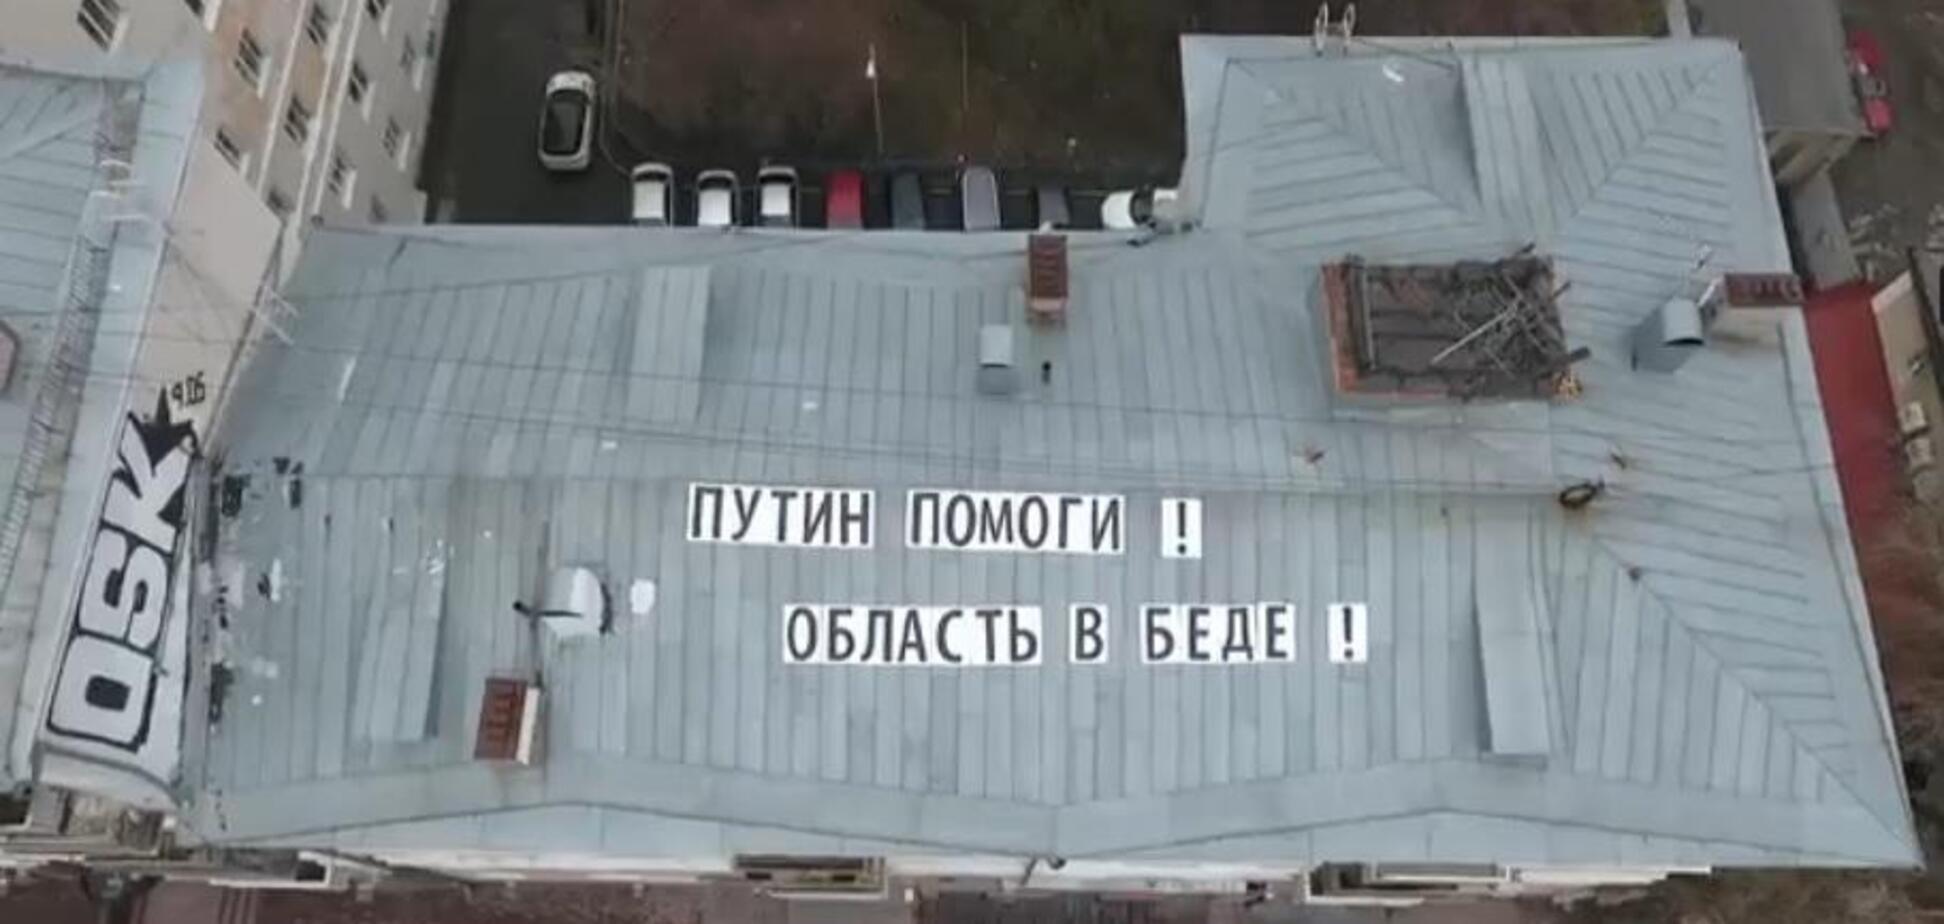 'Агресивні жлоби': ветеран АТО обрушився на фанатів 'русского міра'